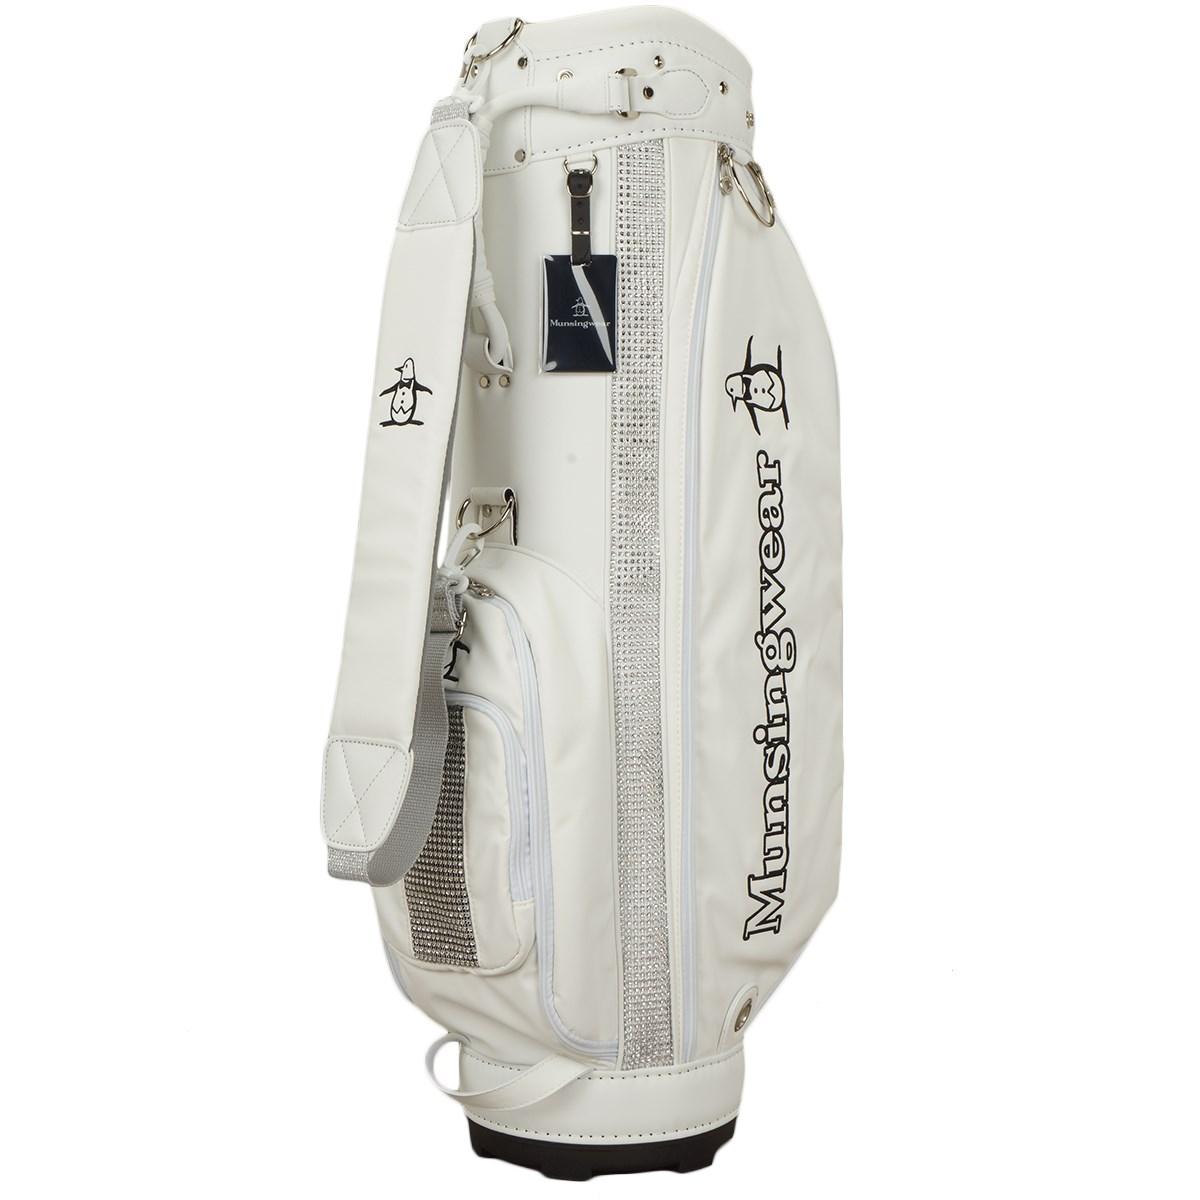 マンシングウェア Munsingwear キャディバッグ ホワイト 00 レディス